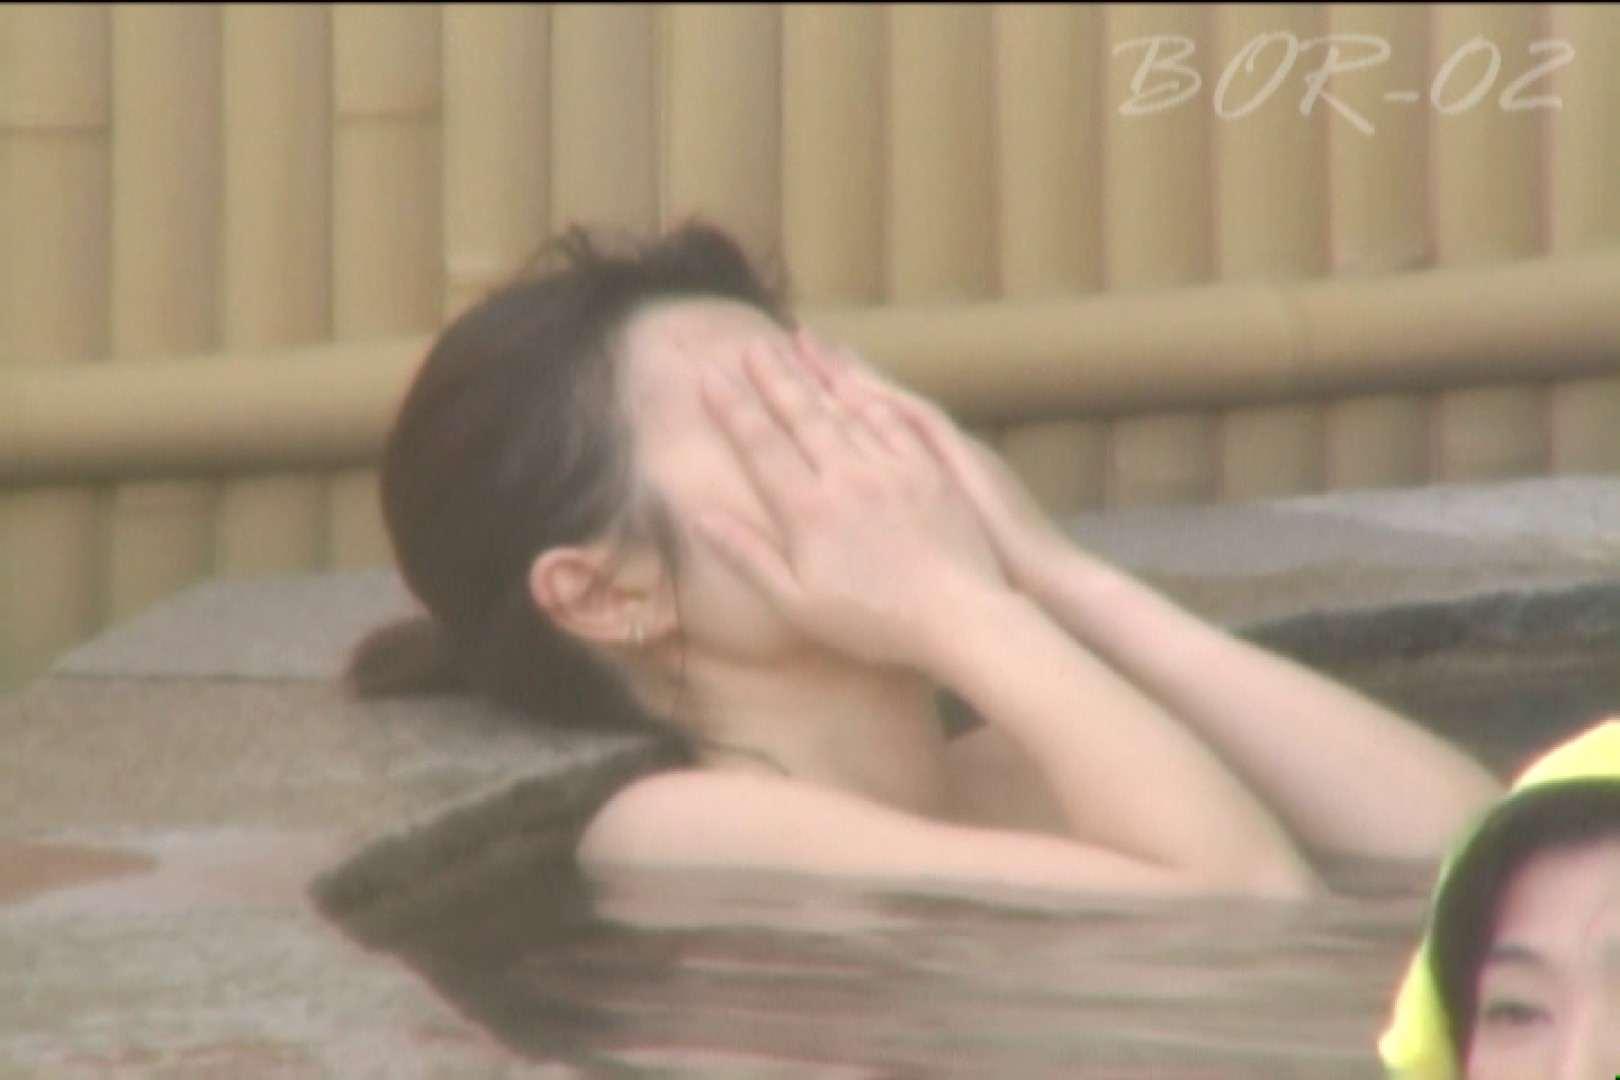 Aquaな露天風呂Vol.477 露天 | 盗撮  86画像 28